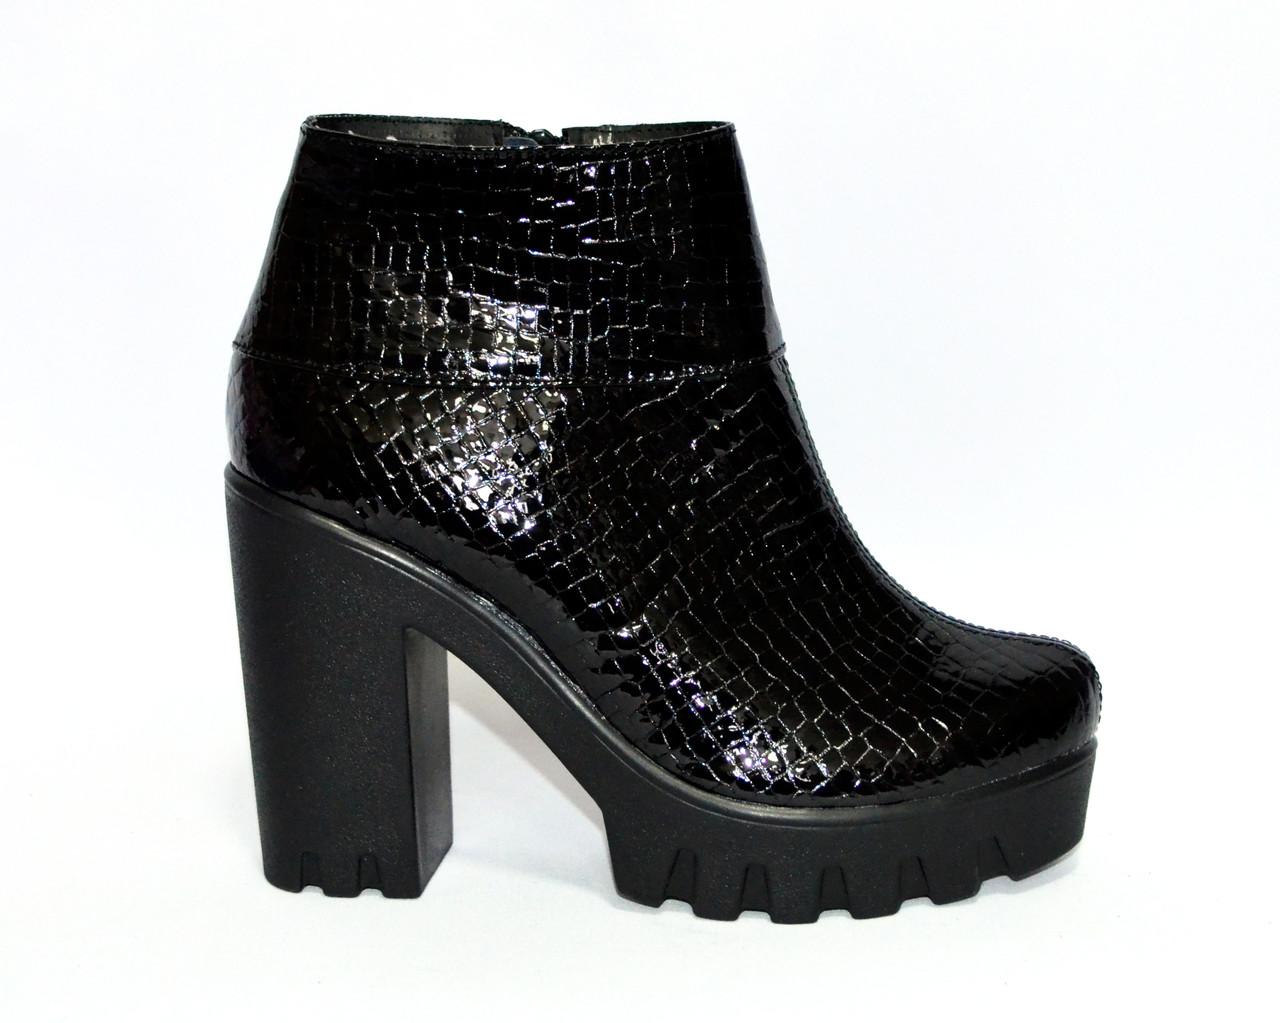 """Ботинки стильные женские зимние на тракторной подошве, кожа """"крокодил""""."""